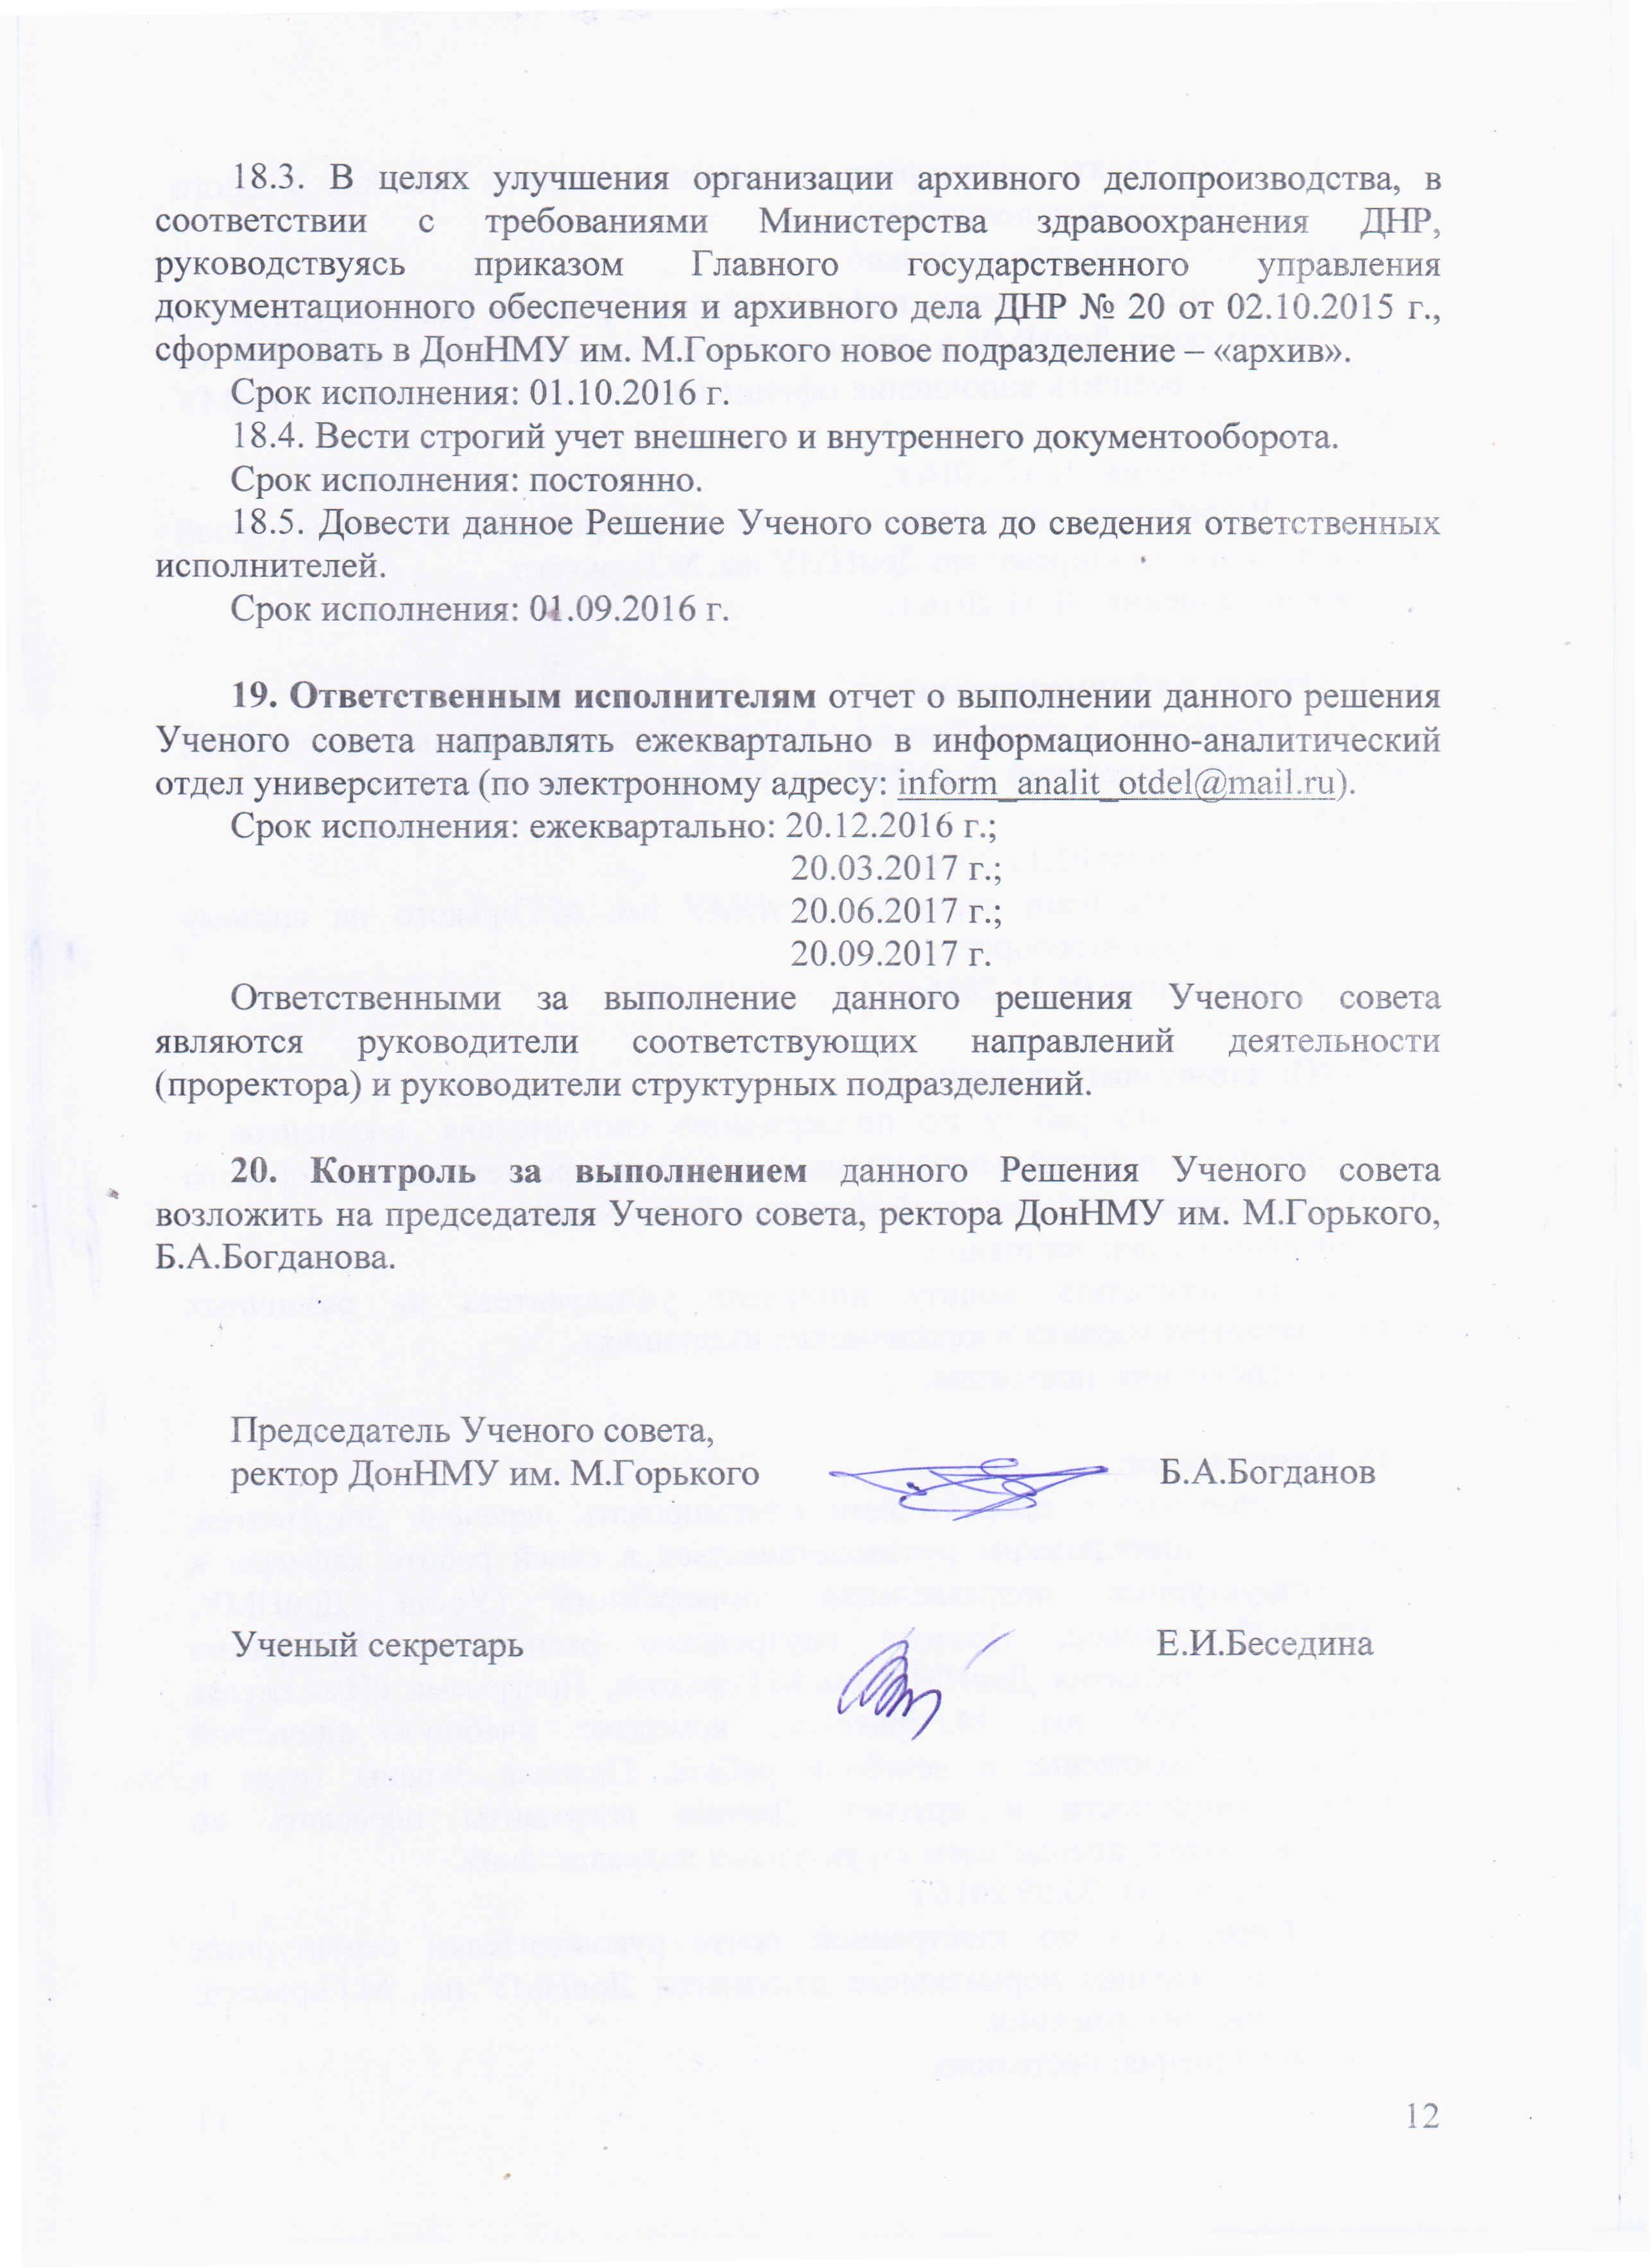 Решение У.с. 30 авг.2016 - ПОДПИСЬ ректора